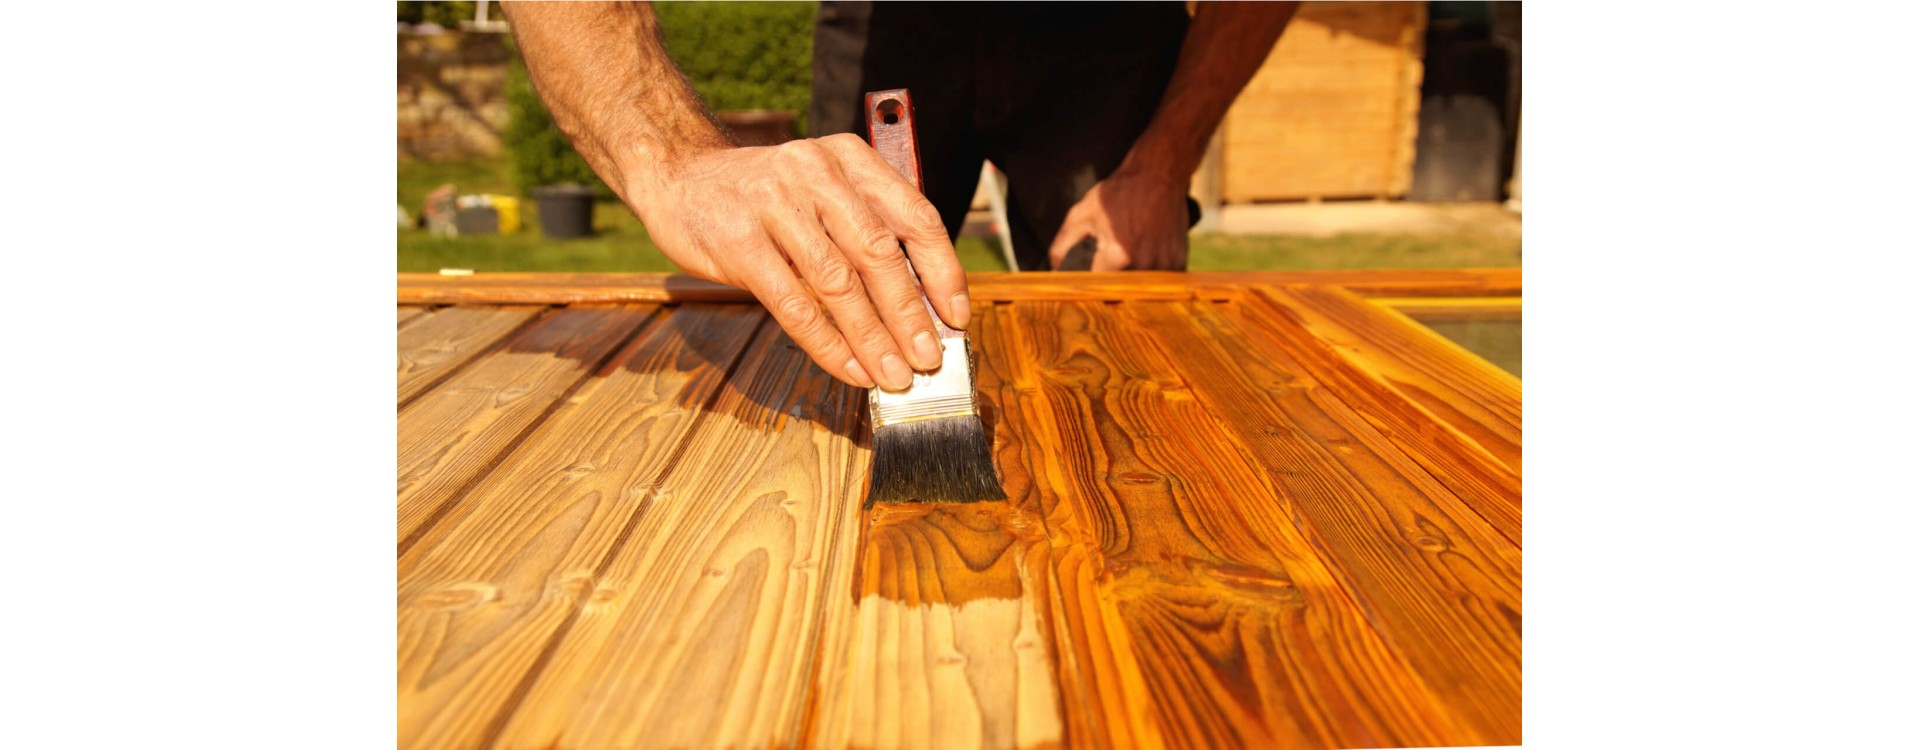 Smalti e vernici per il legno: una guida per sceglierli